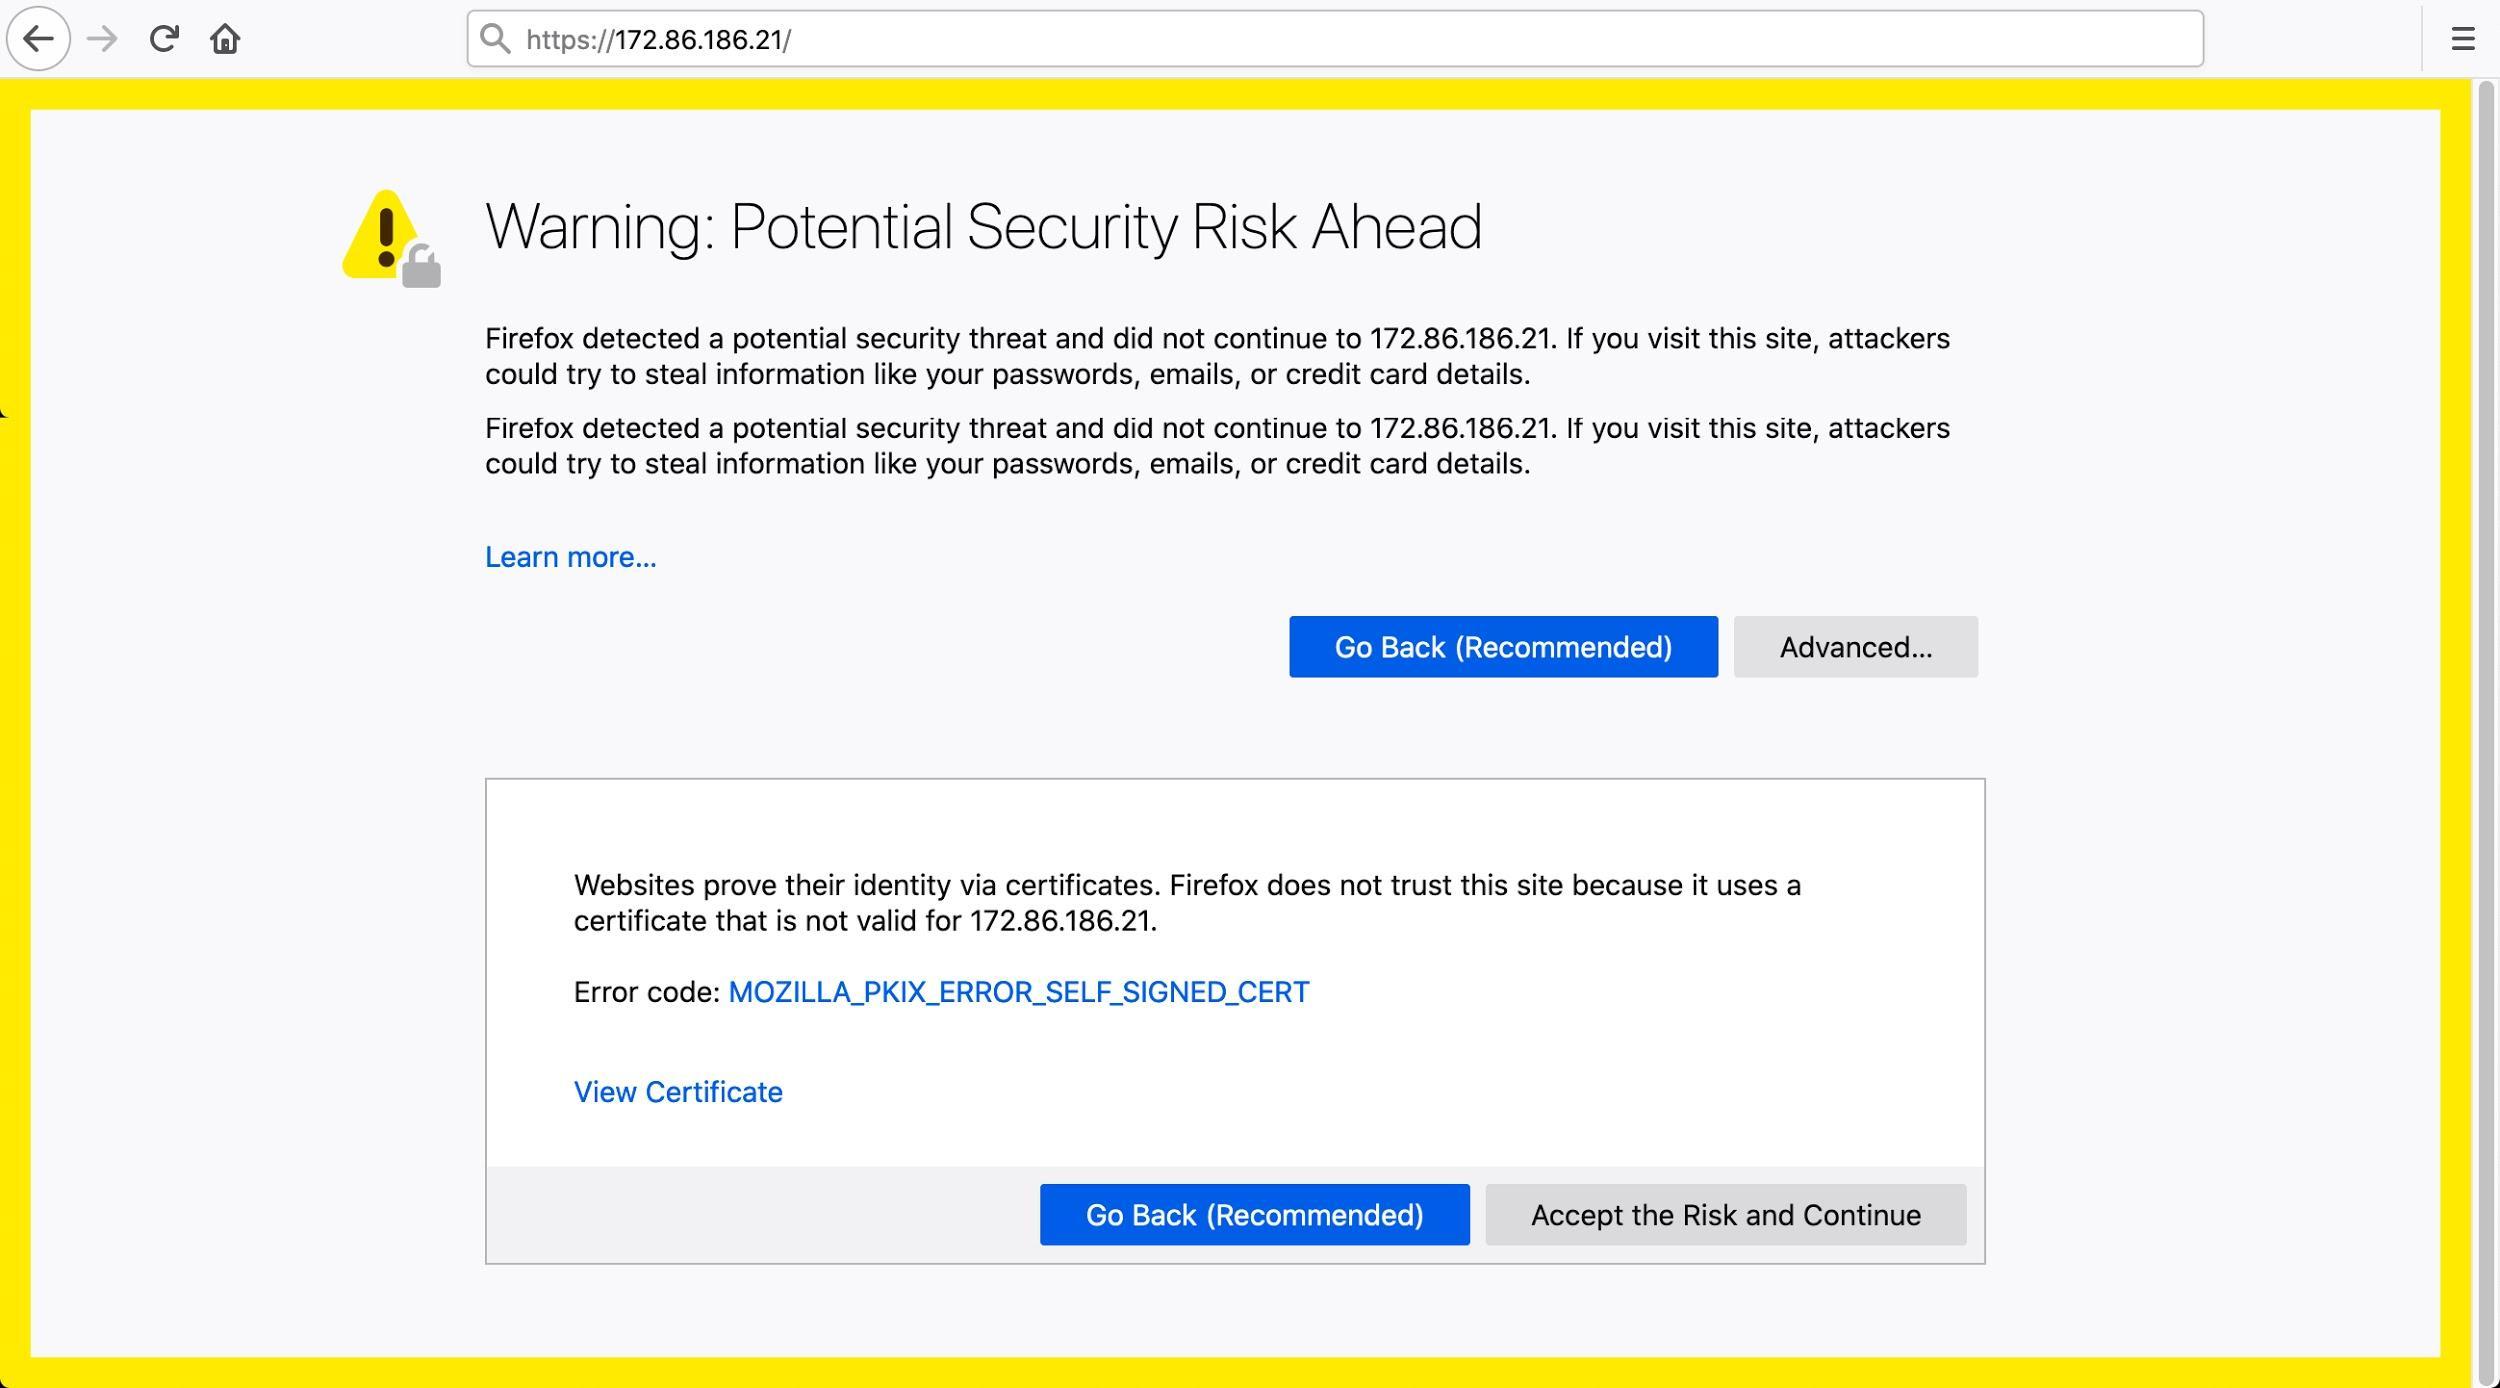 自己署名証明書を使うHTTPSトラフィックはFirefoxの警告のように最新ブラウザで表示するとエラーメッセージを生成することがよくあります。この警告には、「Warning: Potential Security Risk Ahead.(警告:潜在的なセキュリティリスクがあります)」と記載されています。